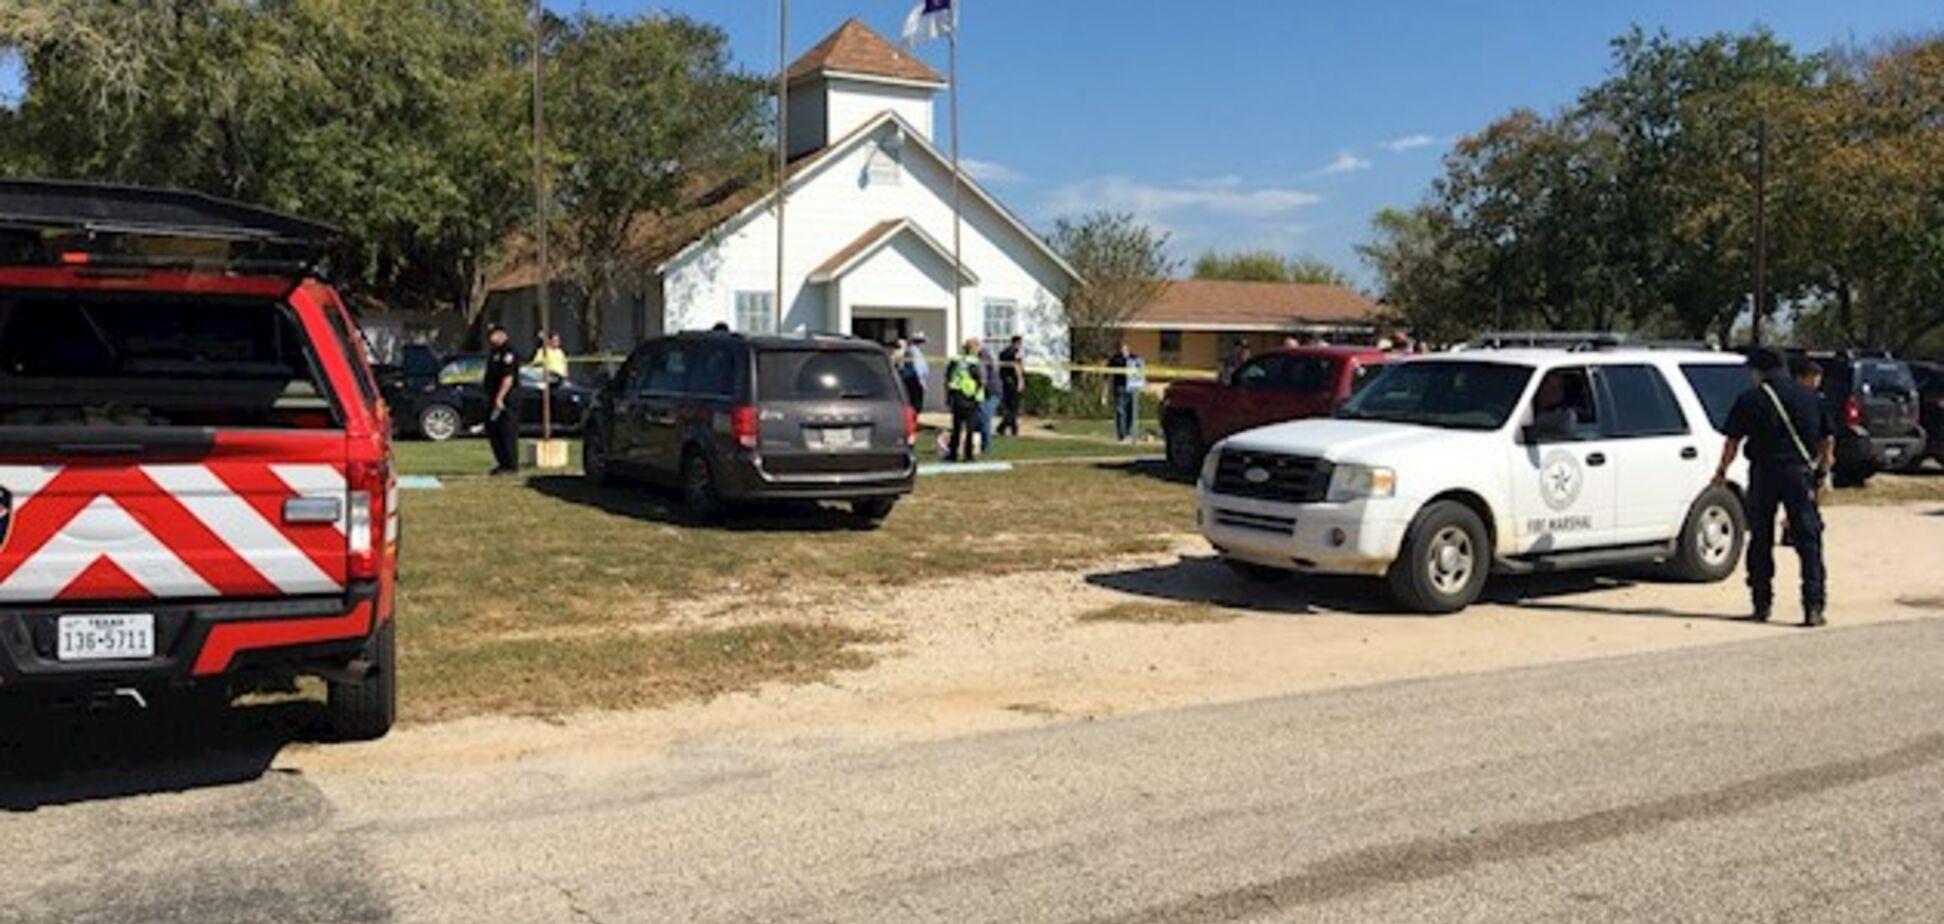 Кровавый теракт в Техасе: названа причина стрельбы в церкви